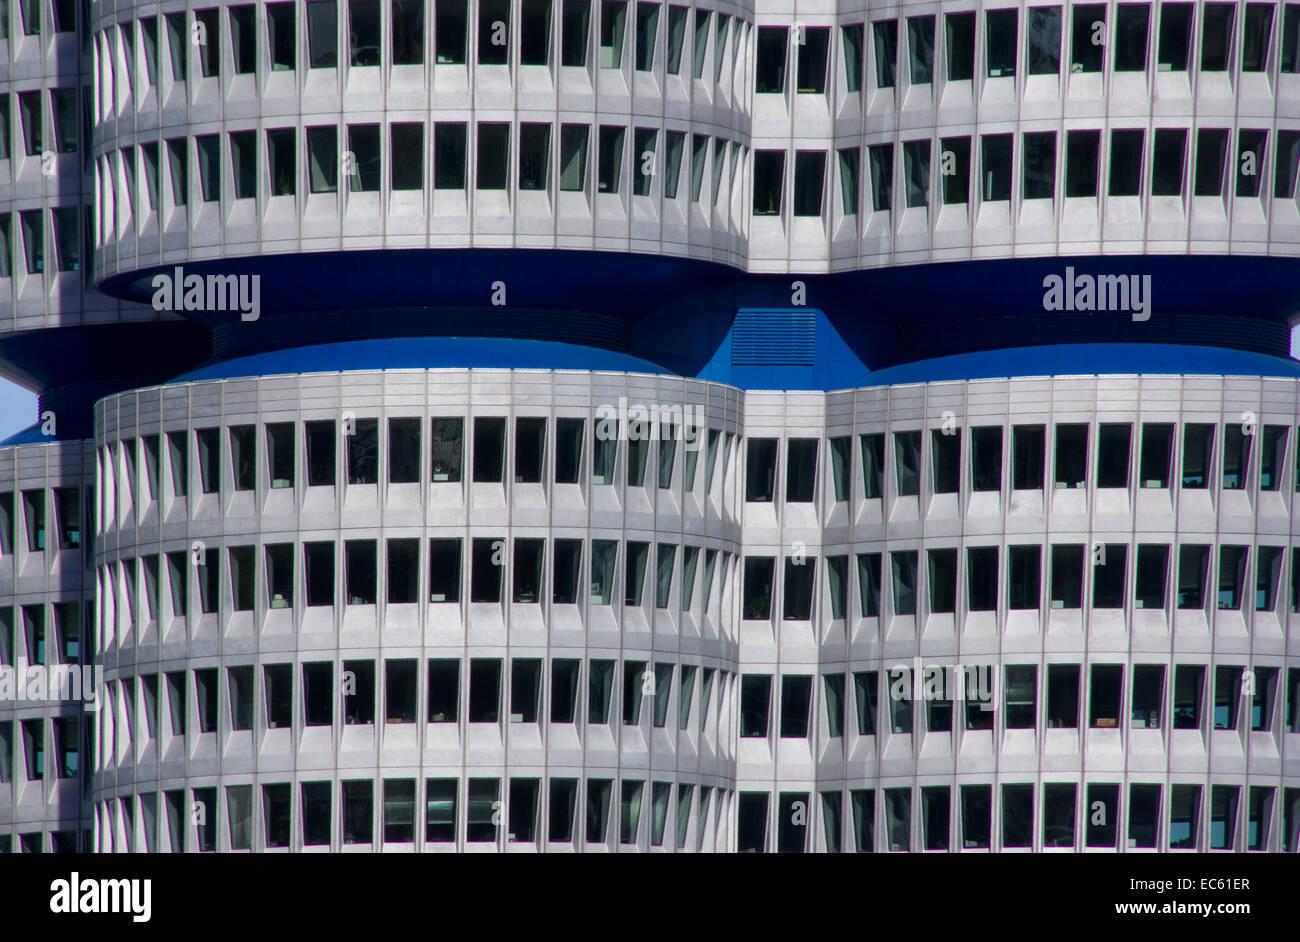 Brilliant Fensterfront Dekoration Von - Windows At Bmw Headquarters